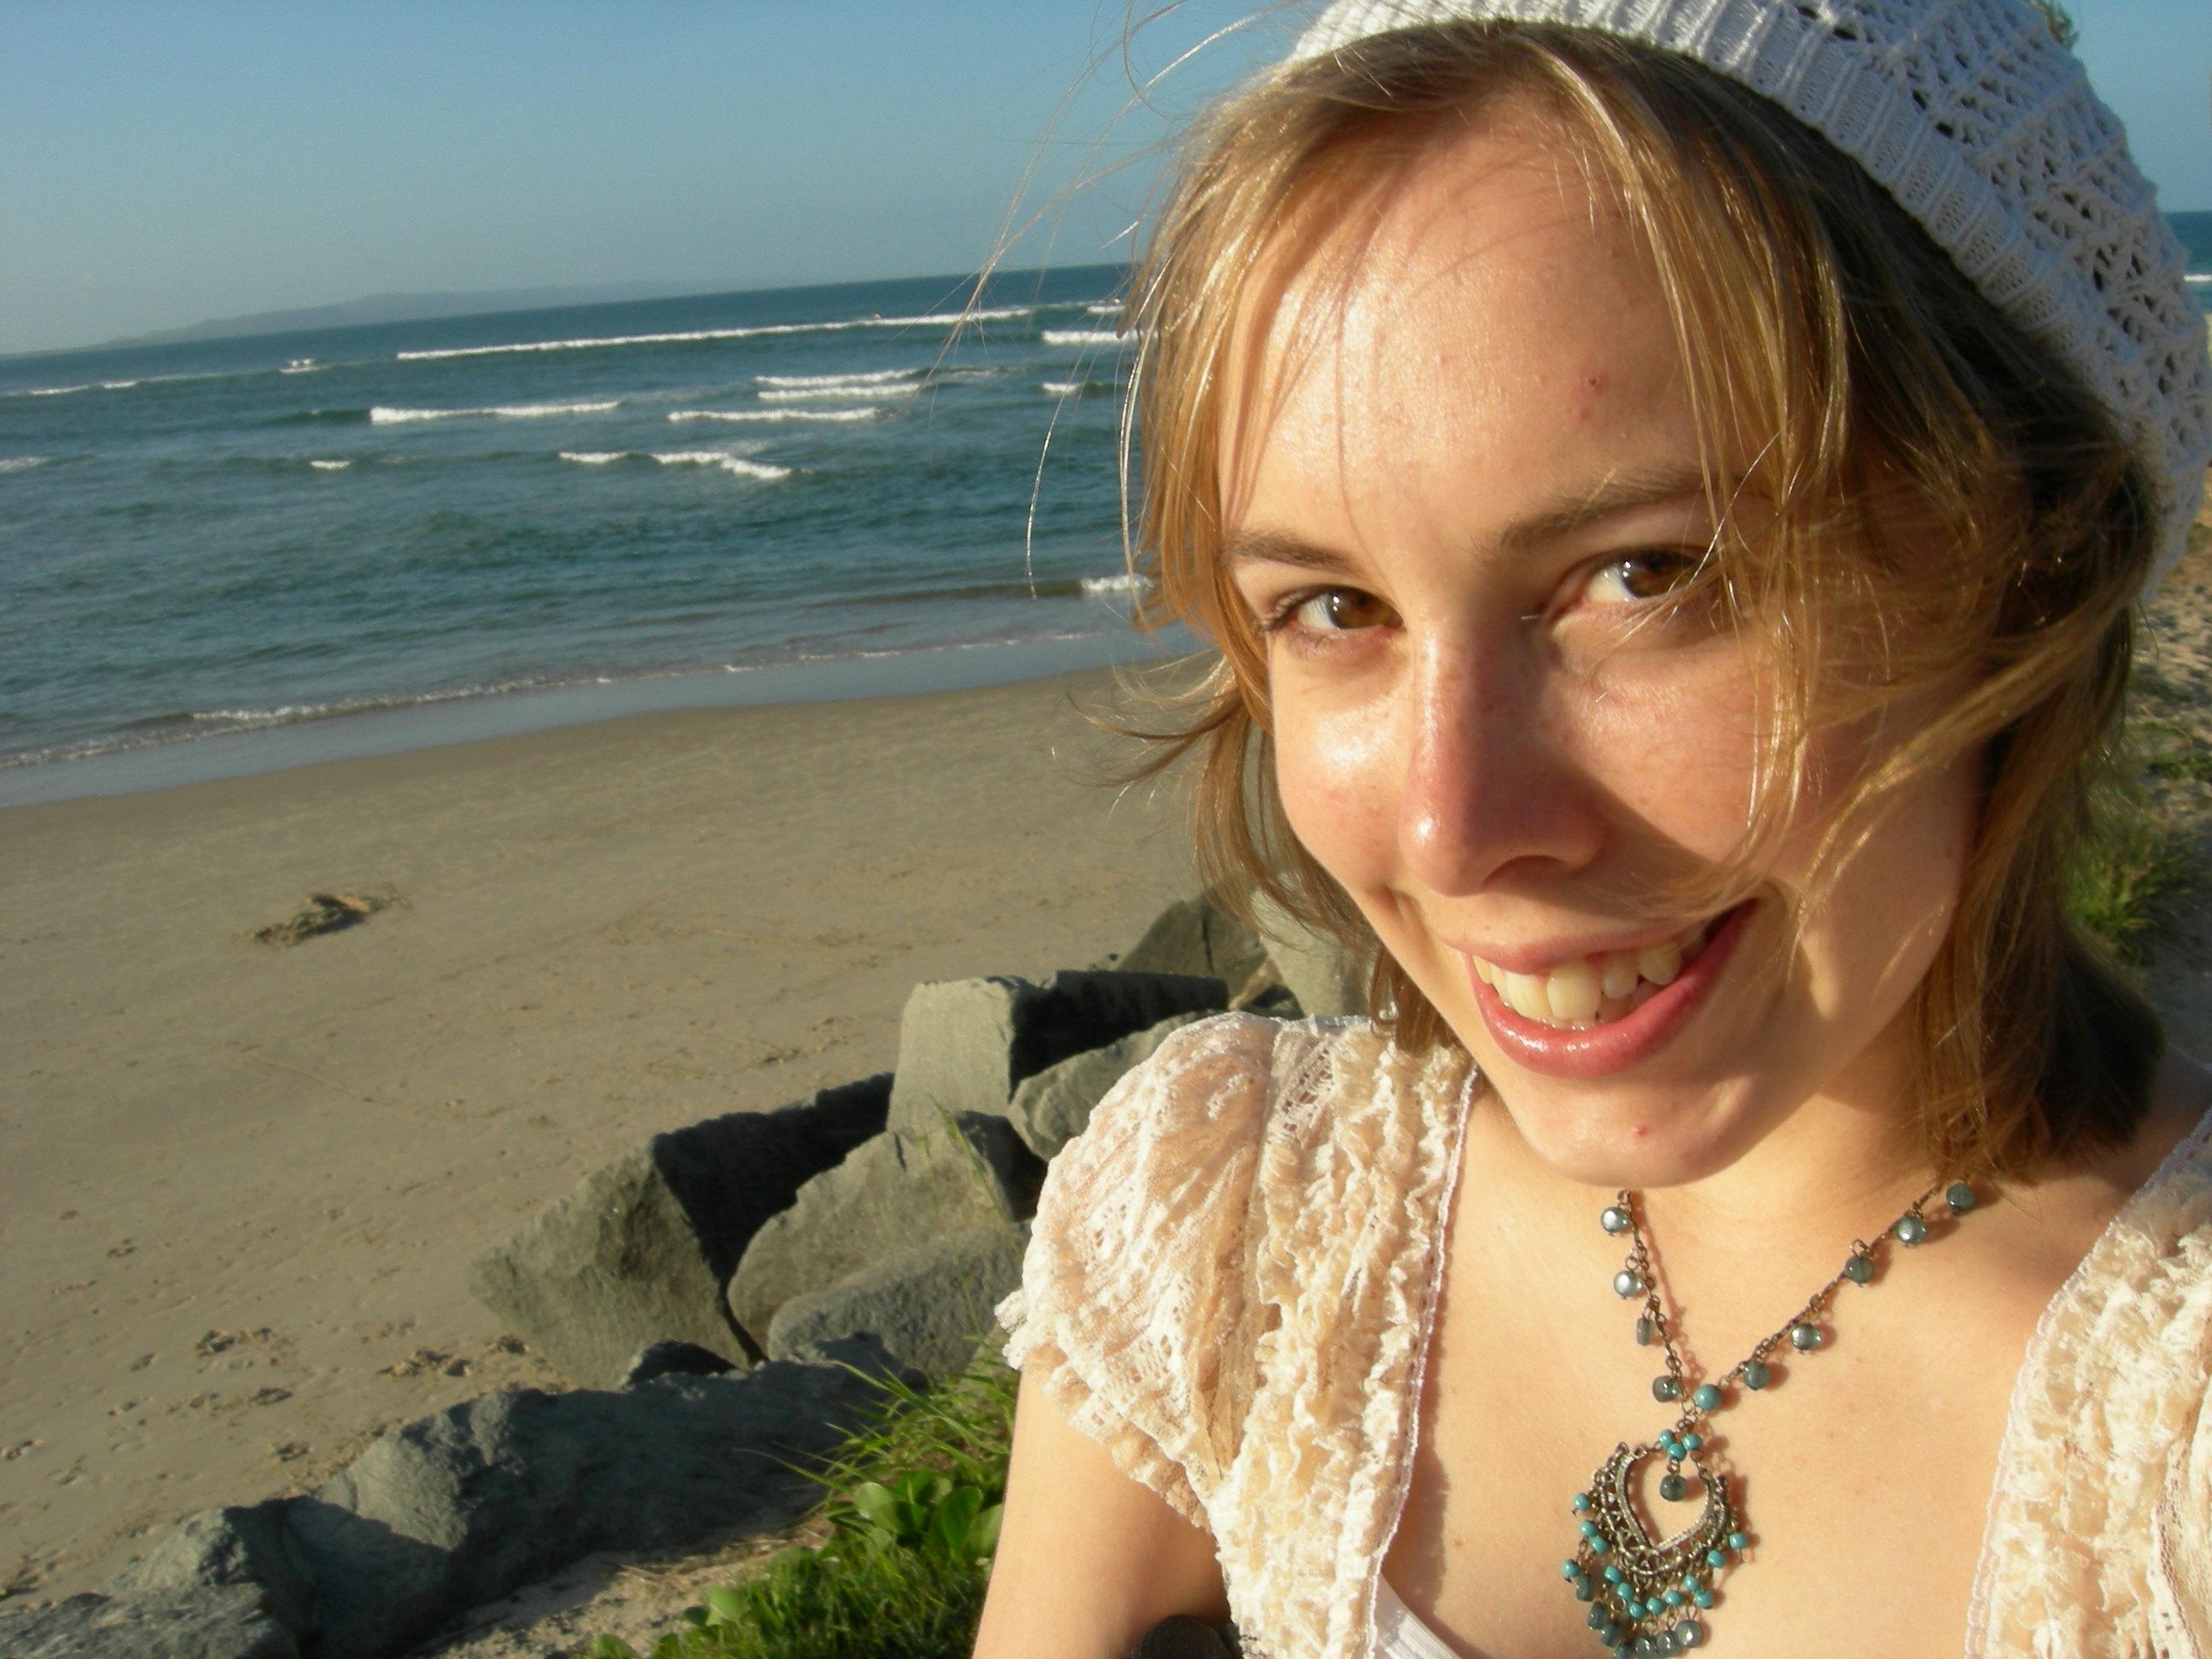 Stranded Gypsy Girl on a stranded beach